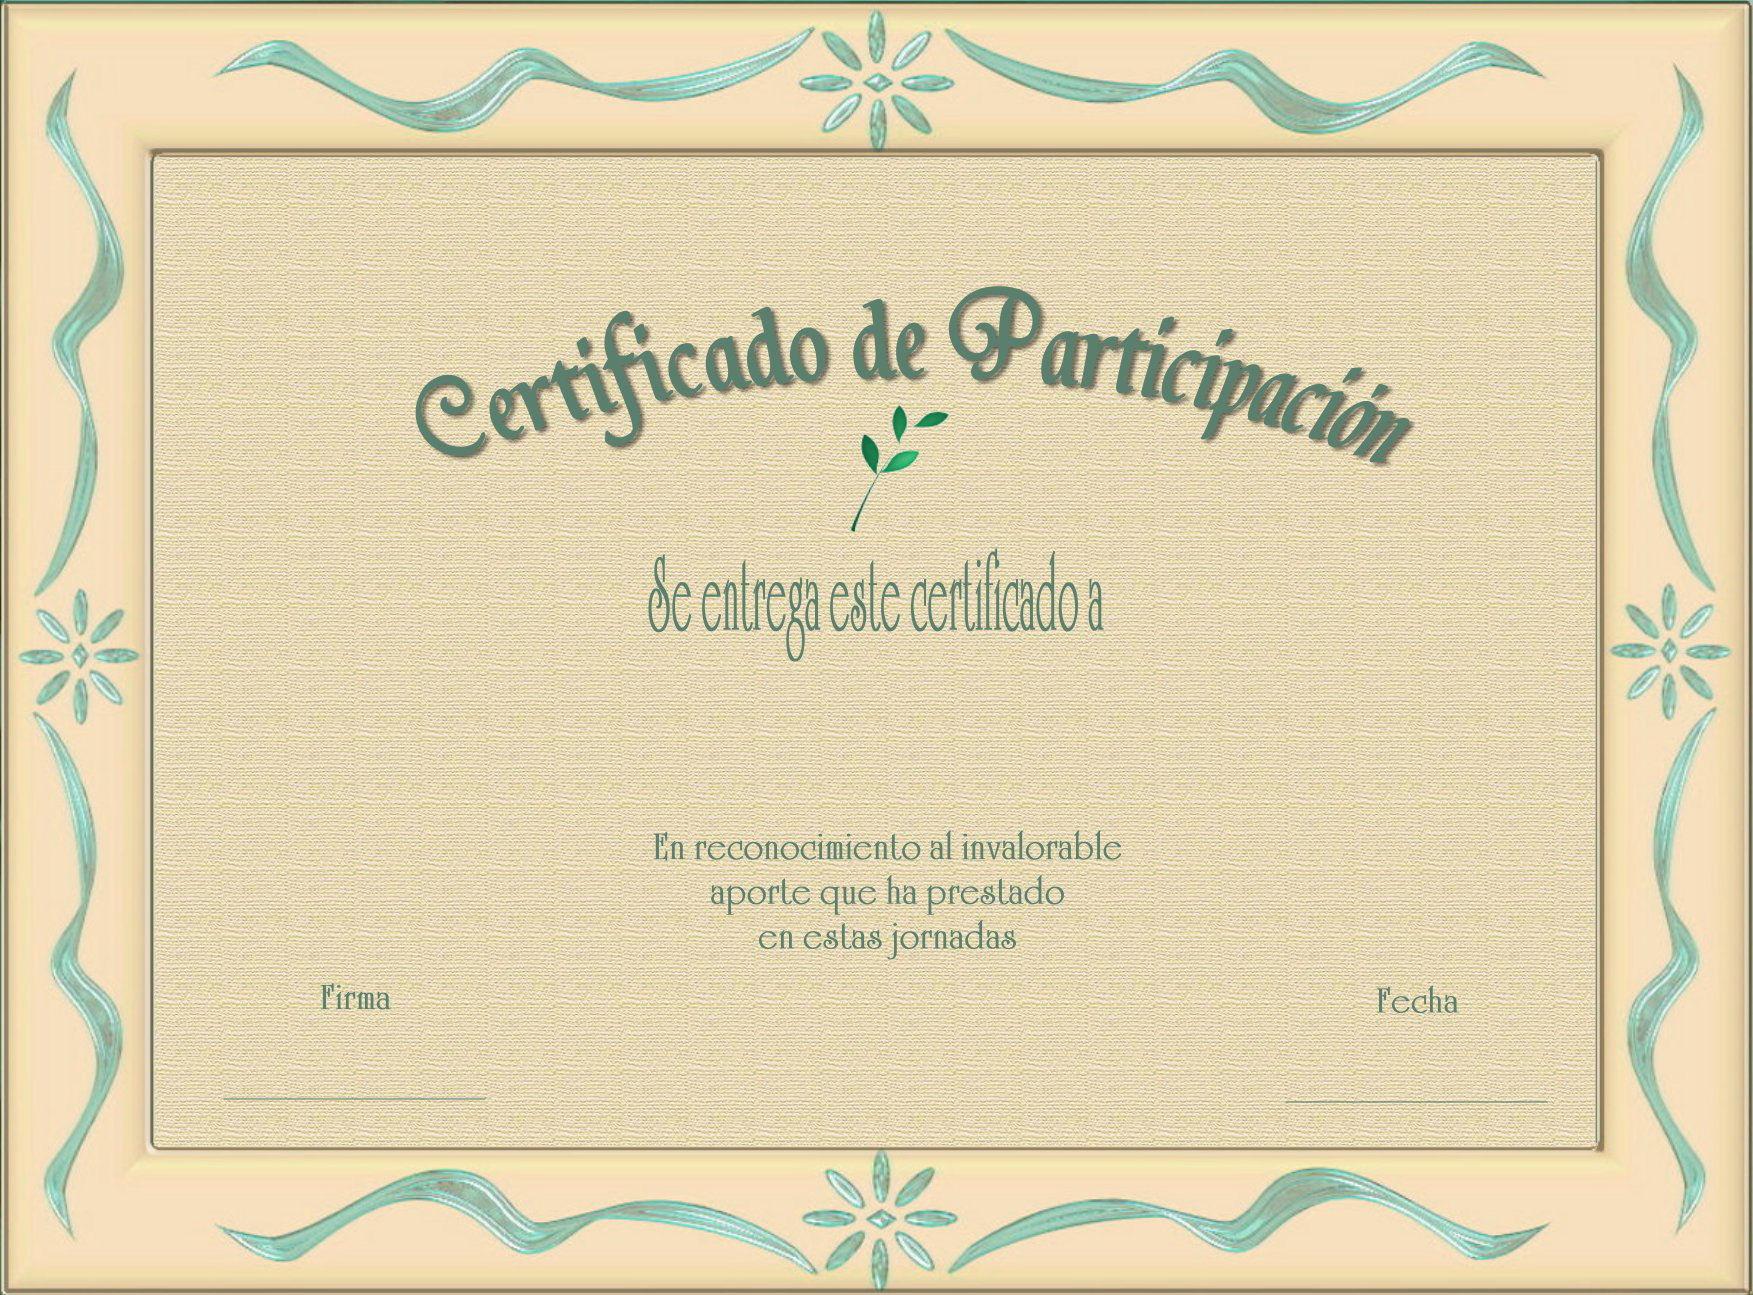 atractivo plantillas editables de certificados bosquejo ejemplo de